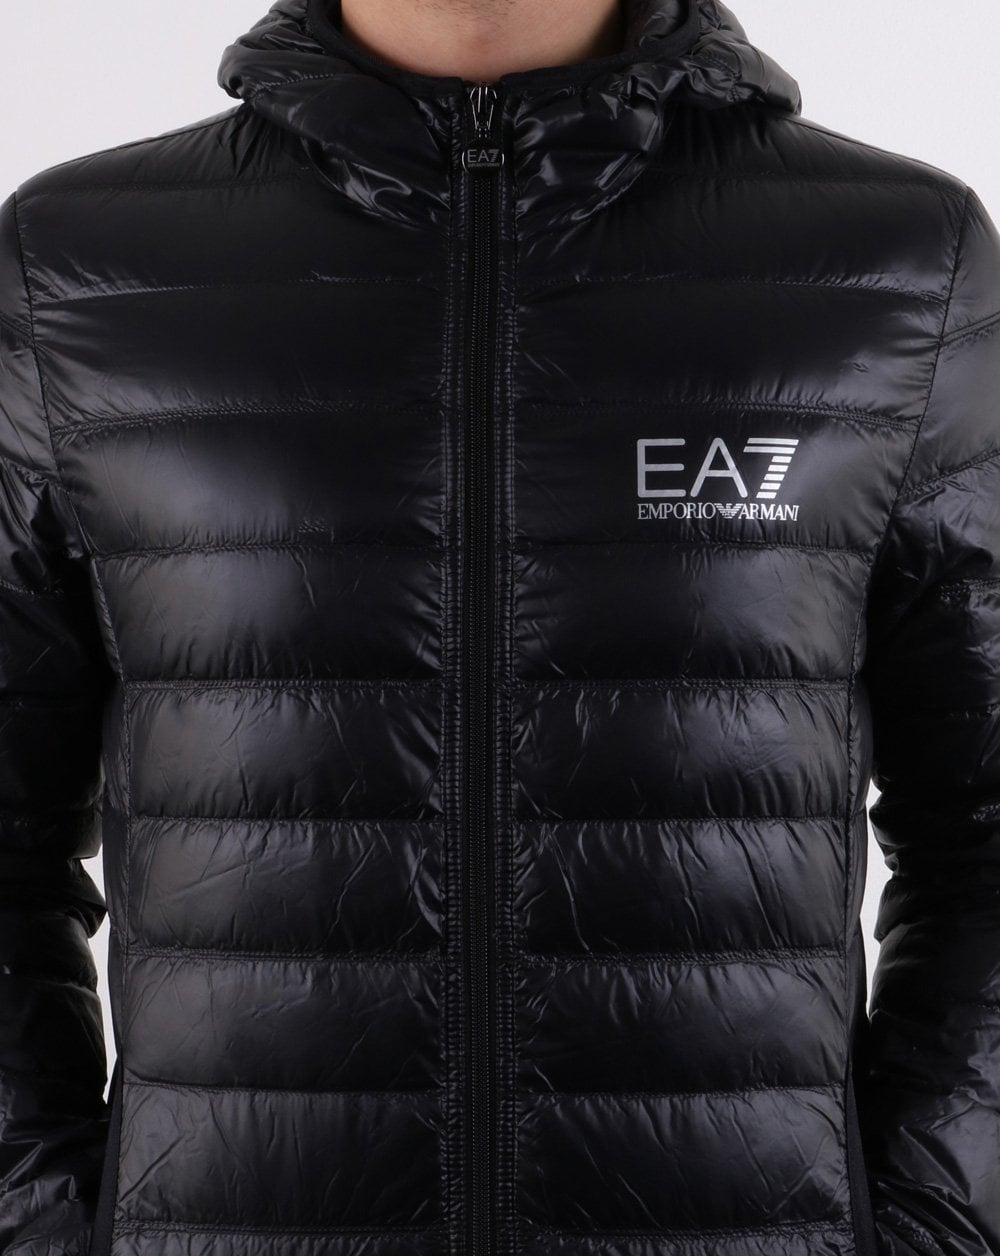 e5440c220 Emporio Armani EA7 Core Logo Down Hooded Jacket Black